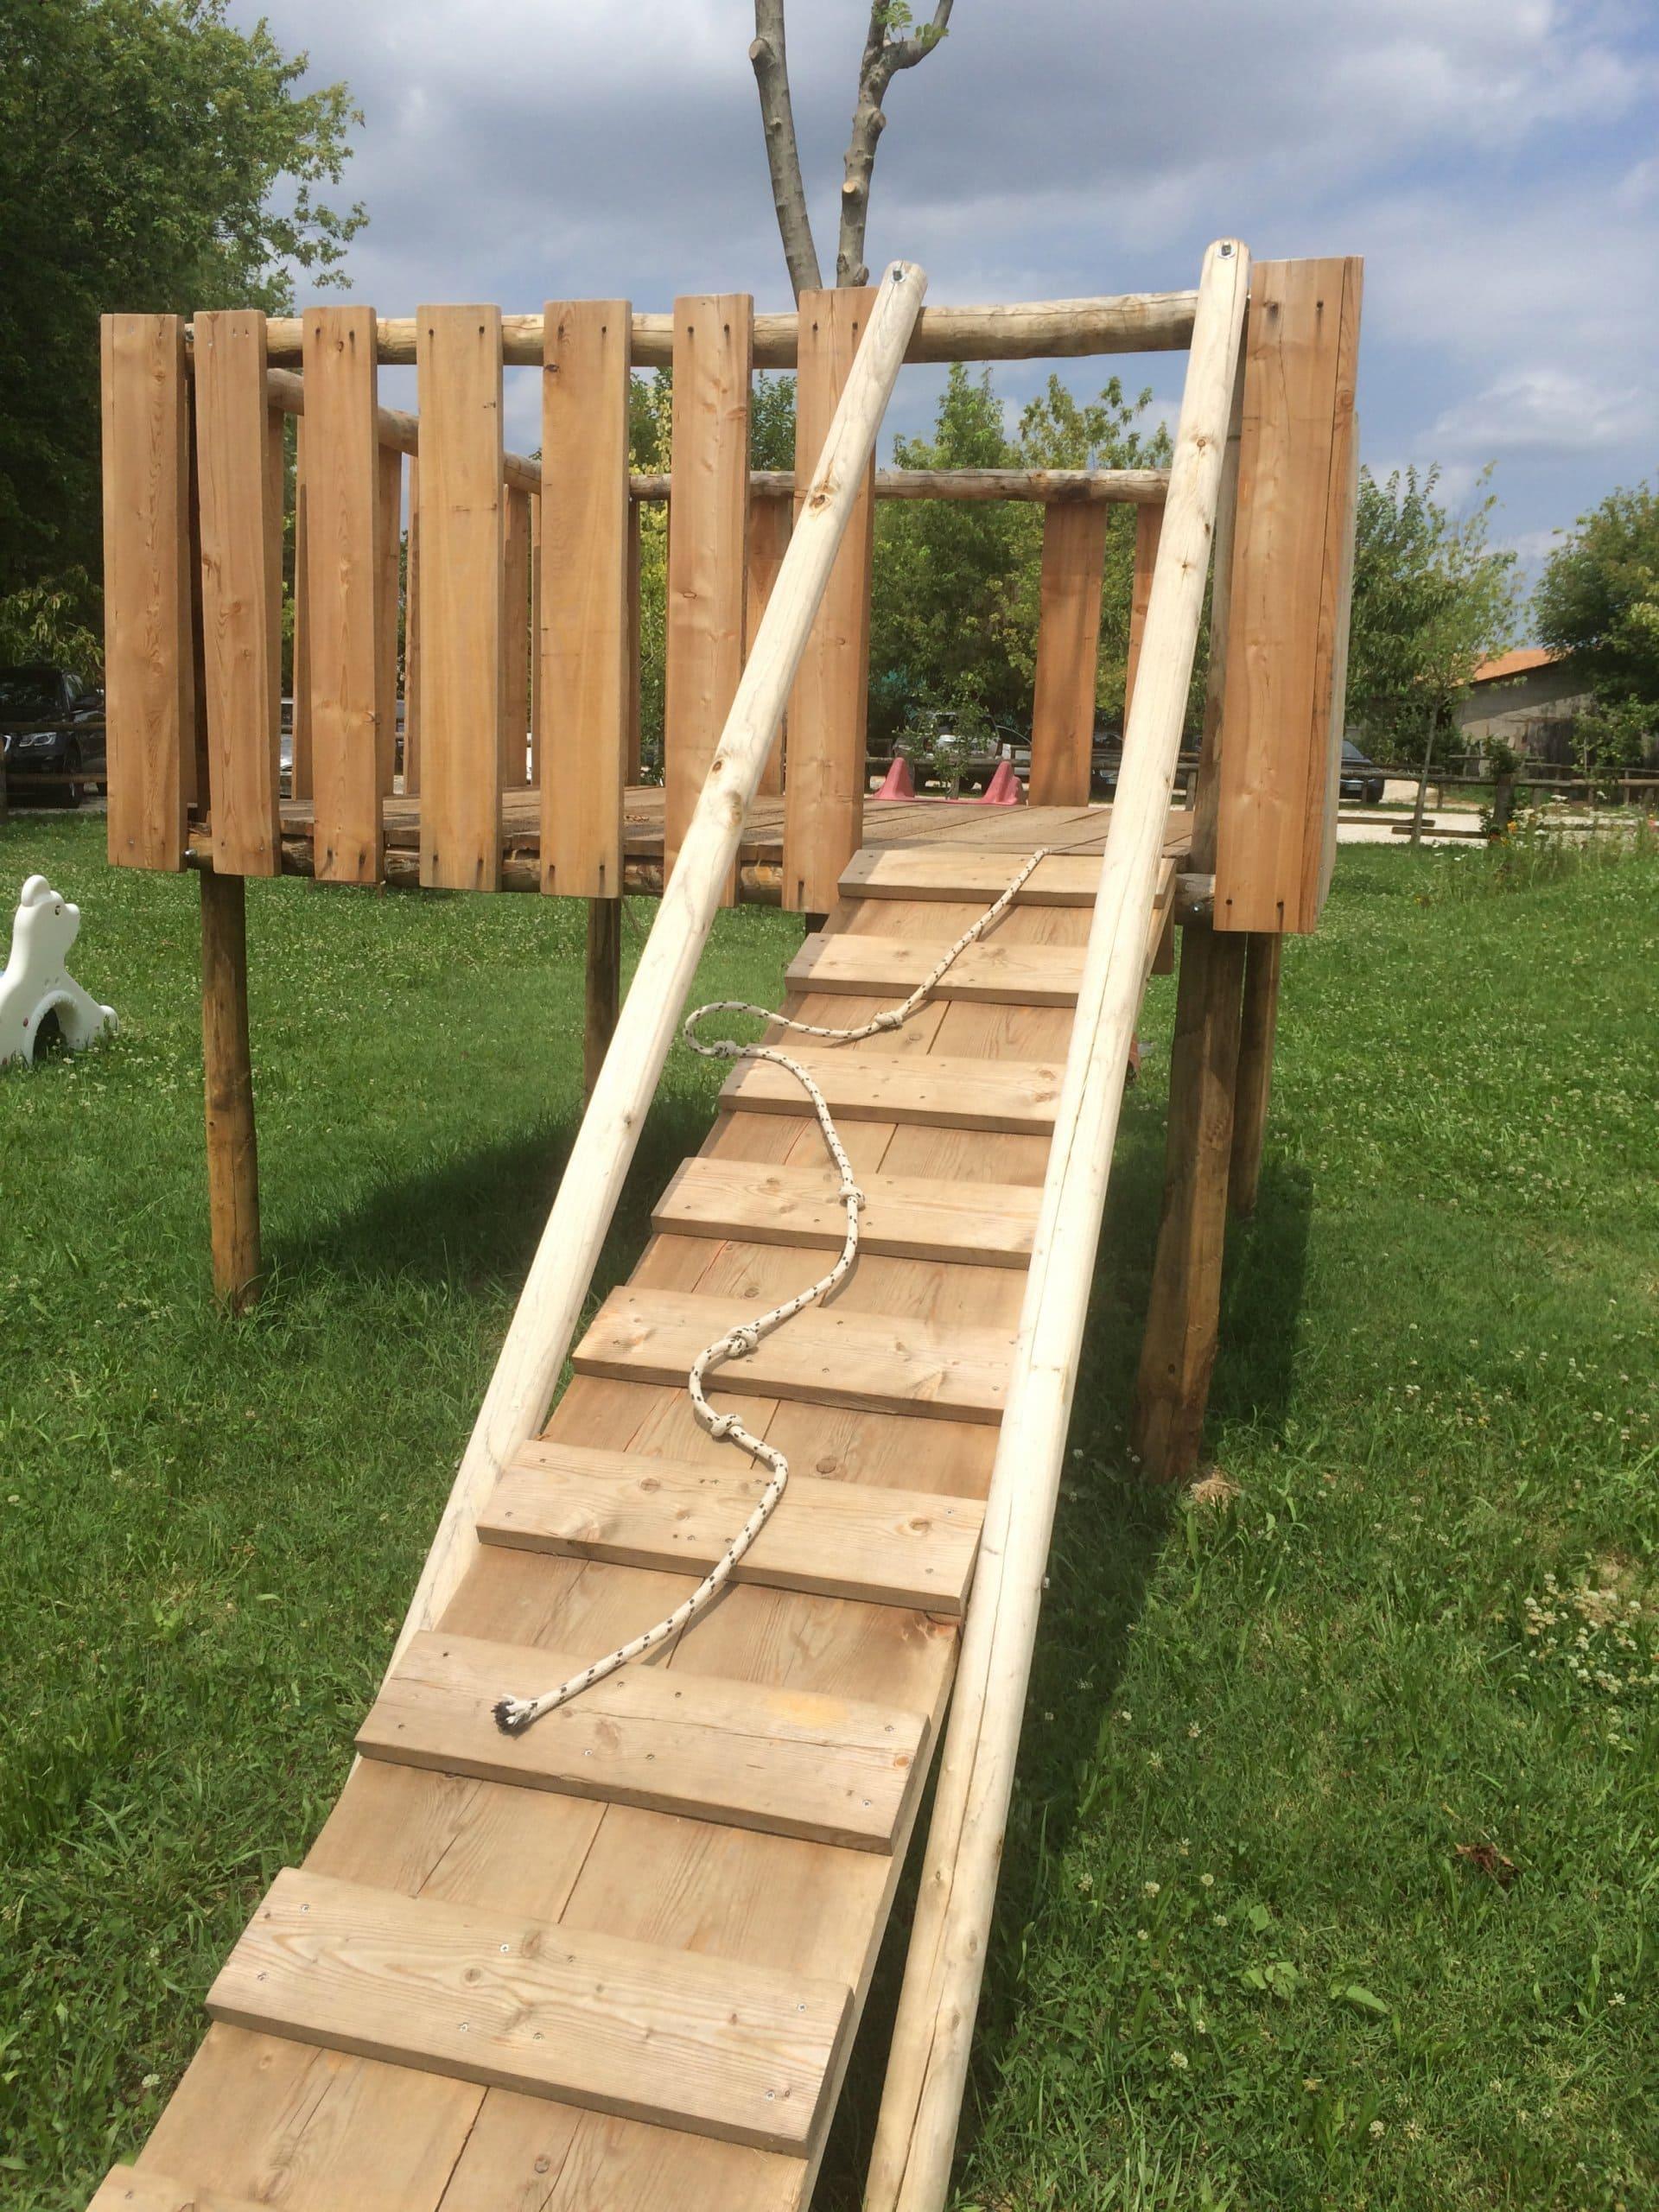 Giochi da esterno per bambini dese legnami for Cancelletto bambini da esterno